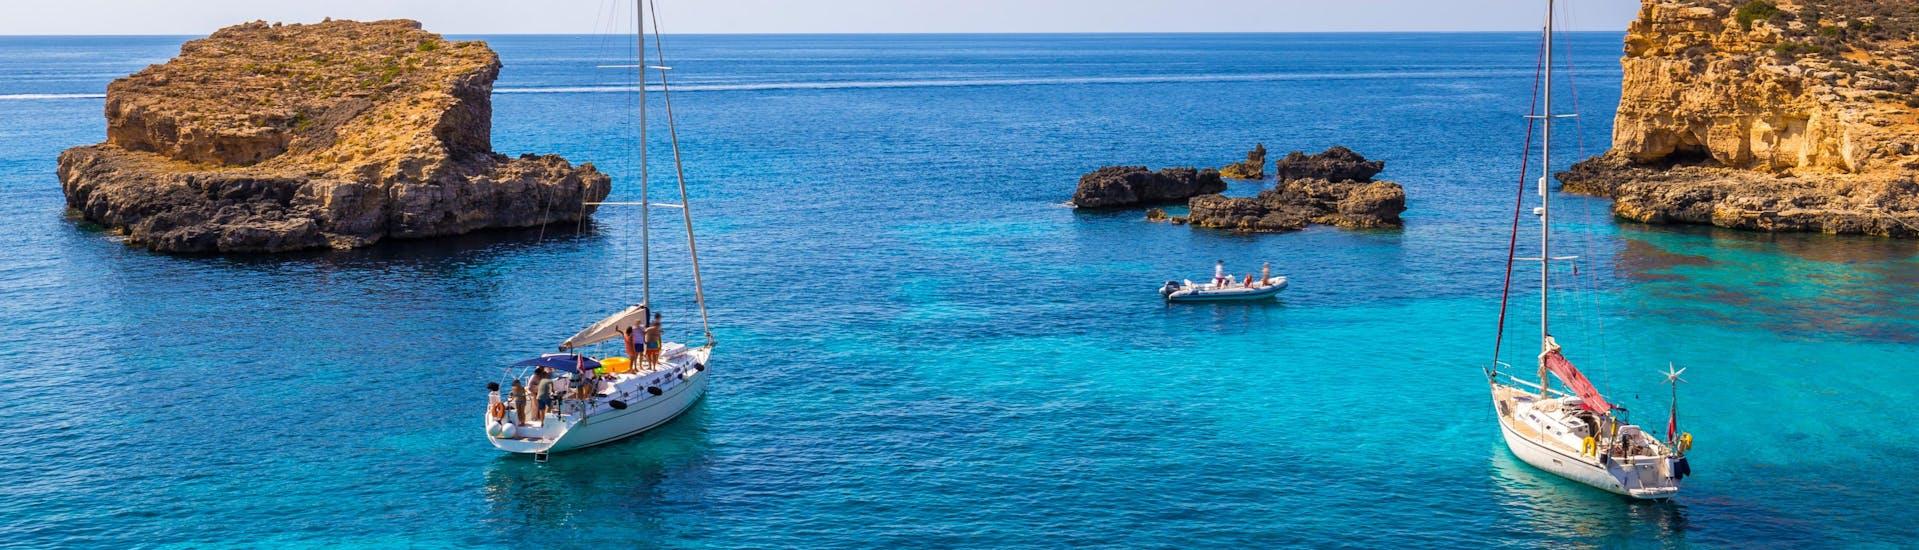 Eine Freundesgruppe macht eine Bootstour in der Urlaubsregion Malta.